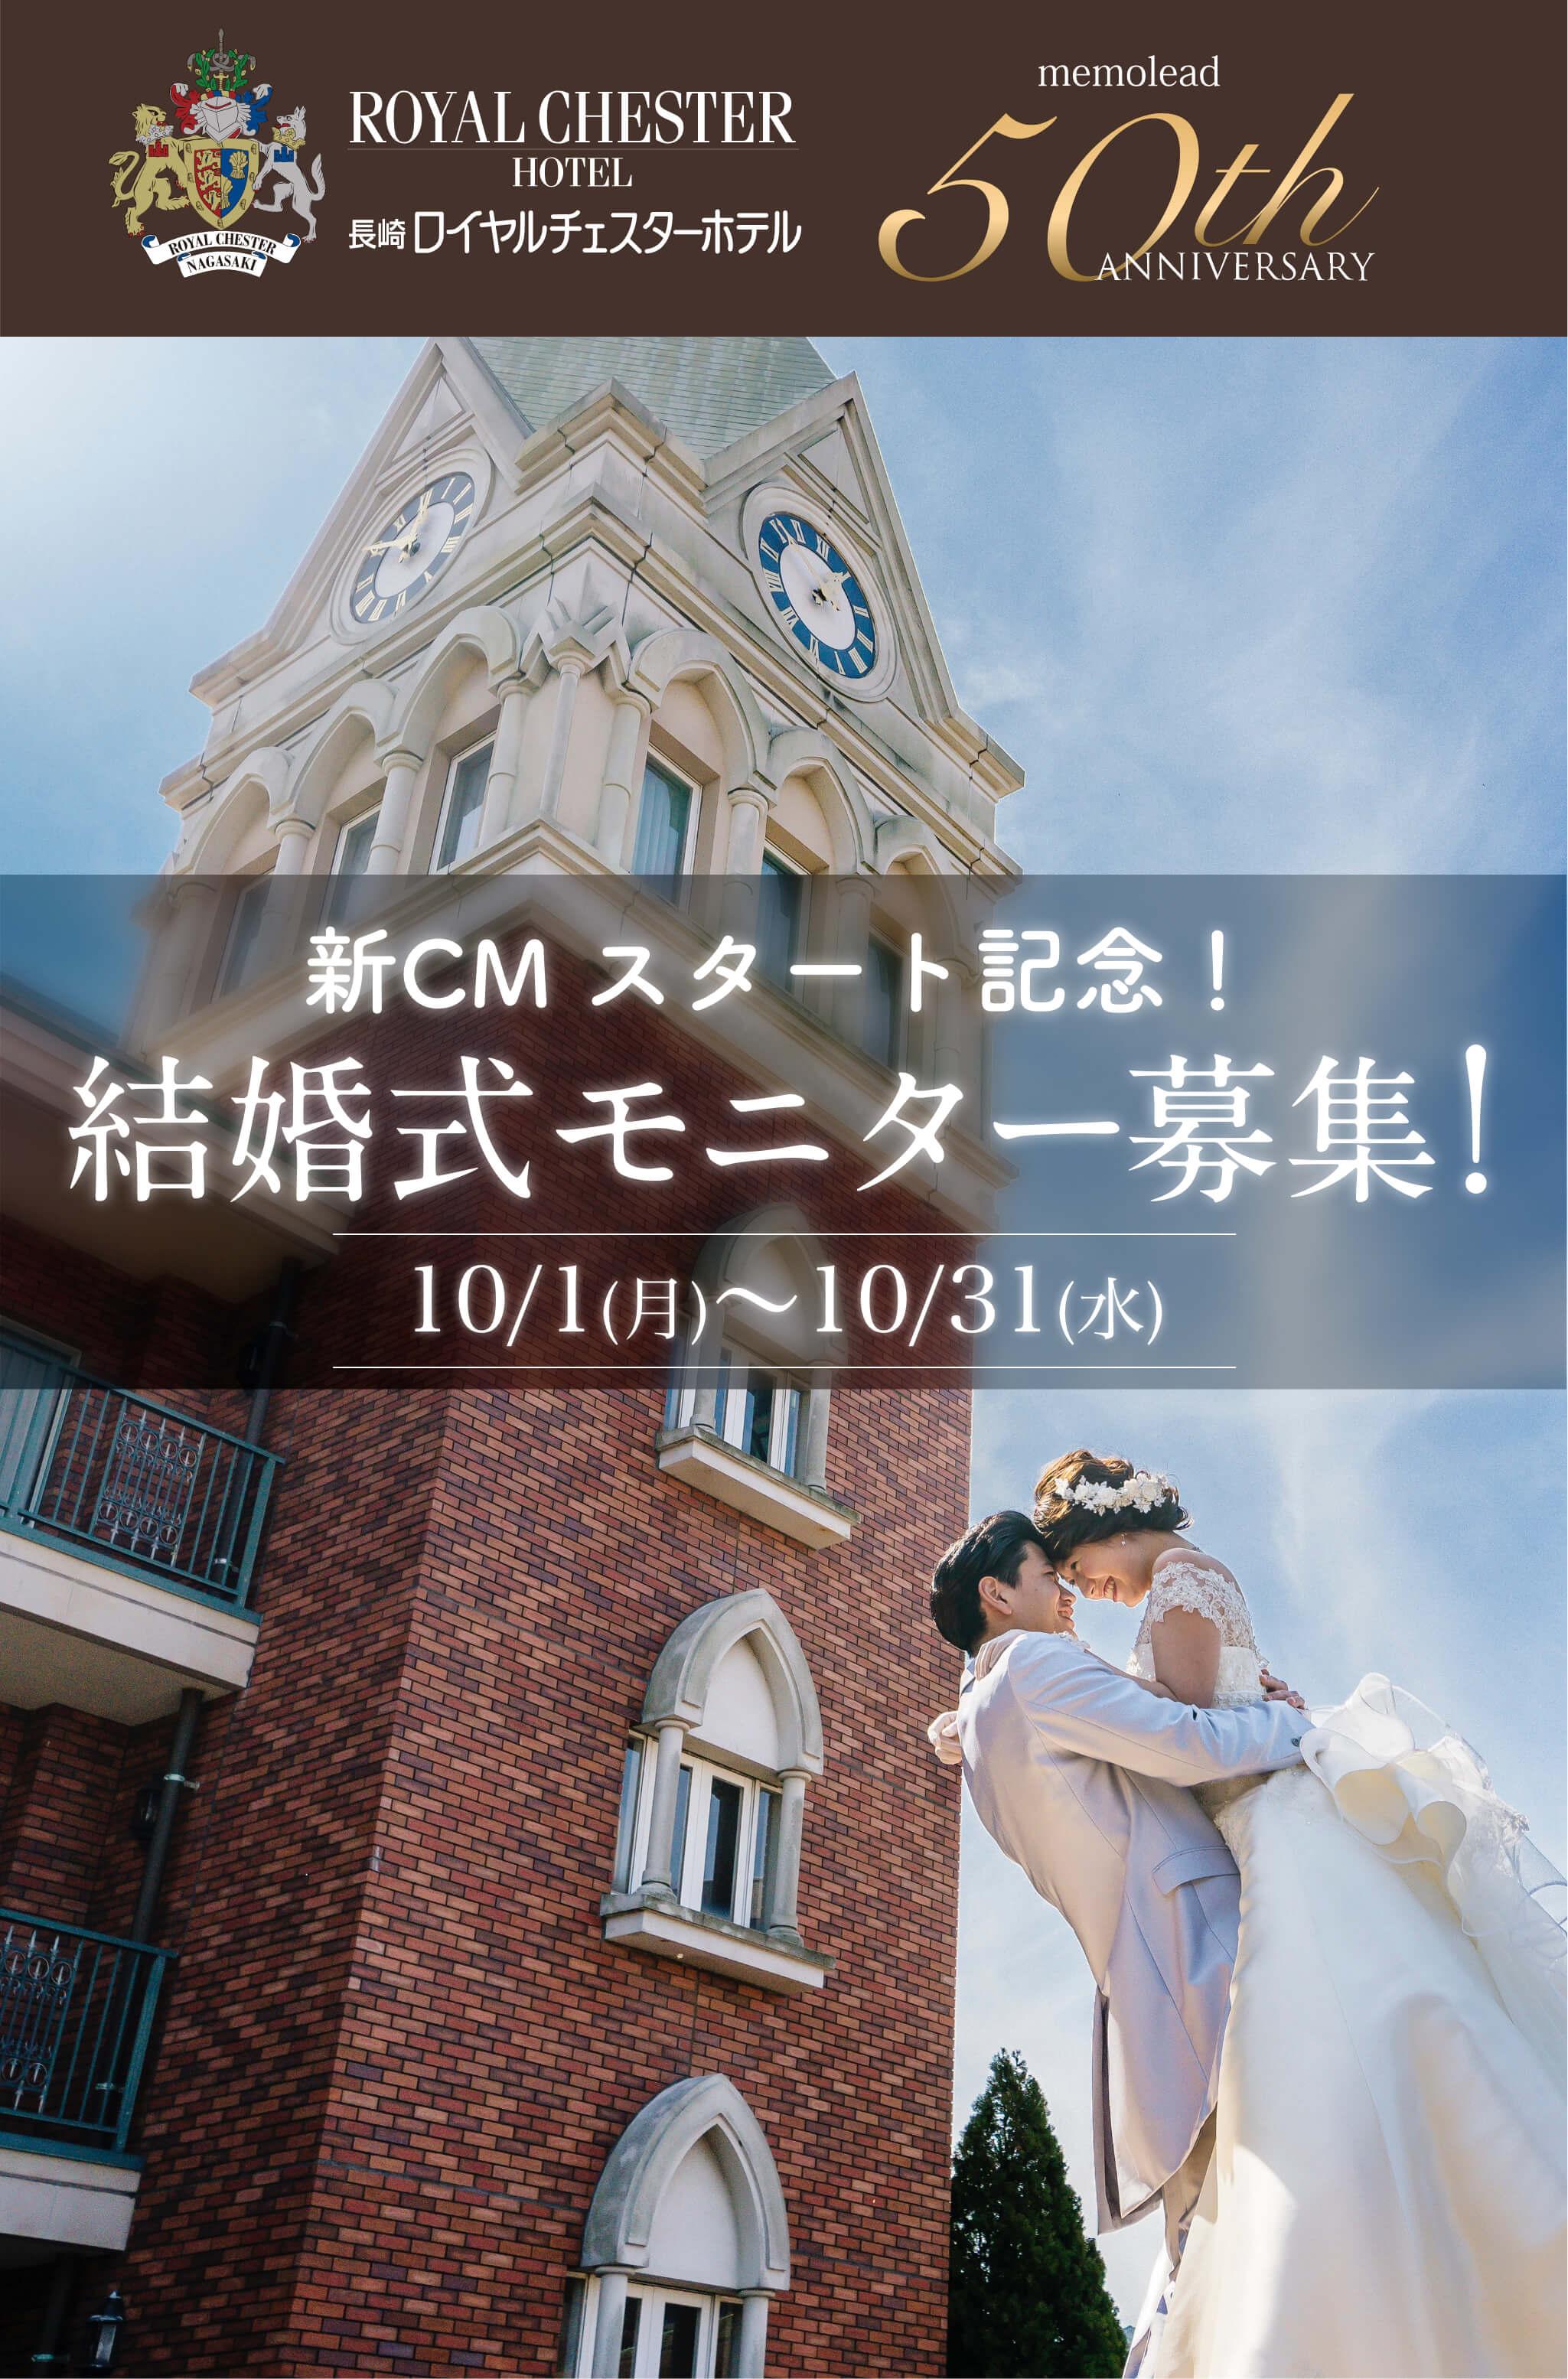 結婚式モニター募集!